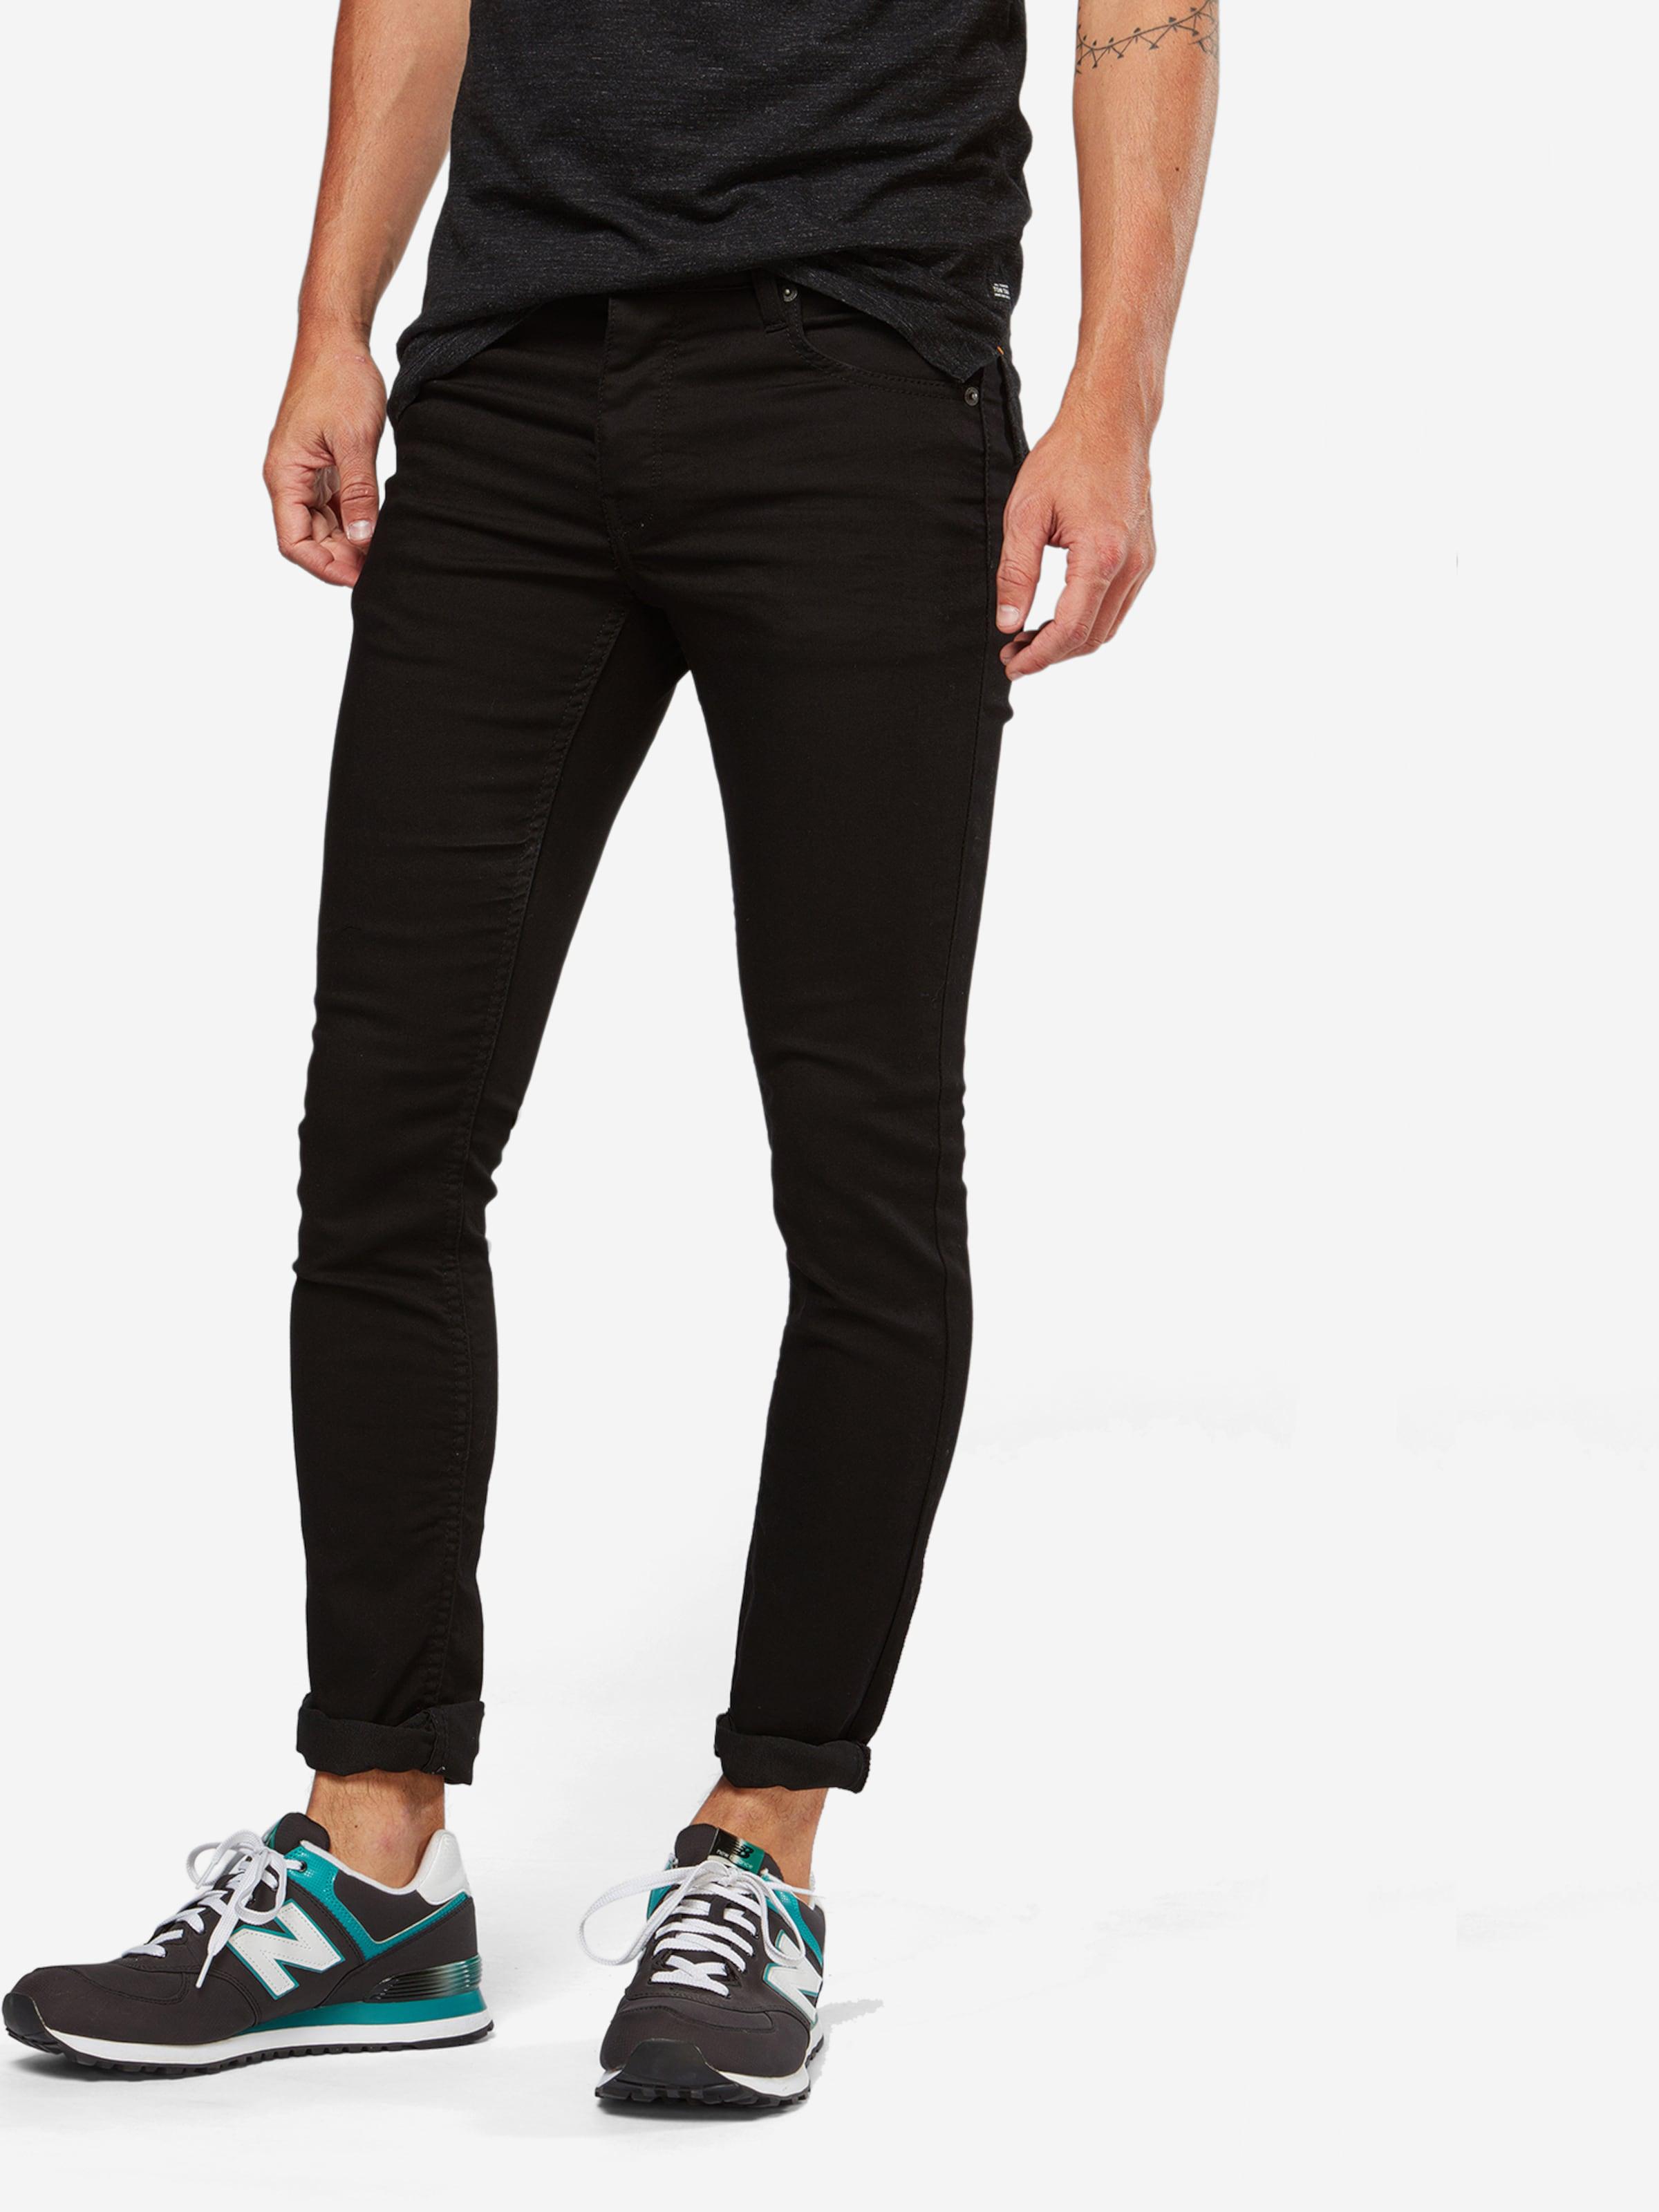 !Solid Slim Fit Jeans 'Dexter Stretch' Spielraum Viele Arten Von Auslauf Ausgezeichnet Zum Verkauf Breite Palette Von Online Auslass Professionelle k8rlYS